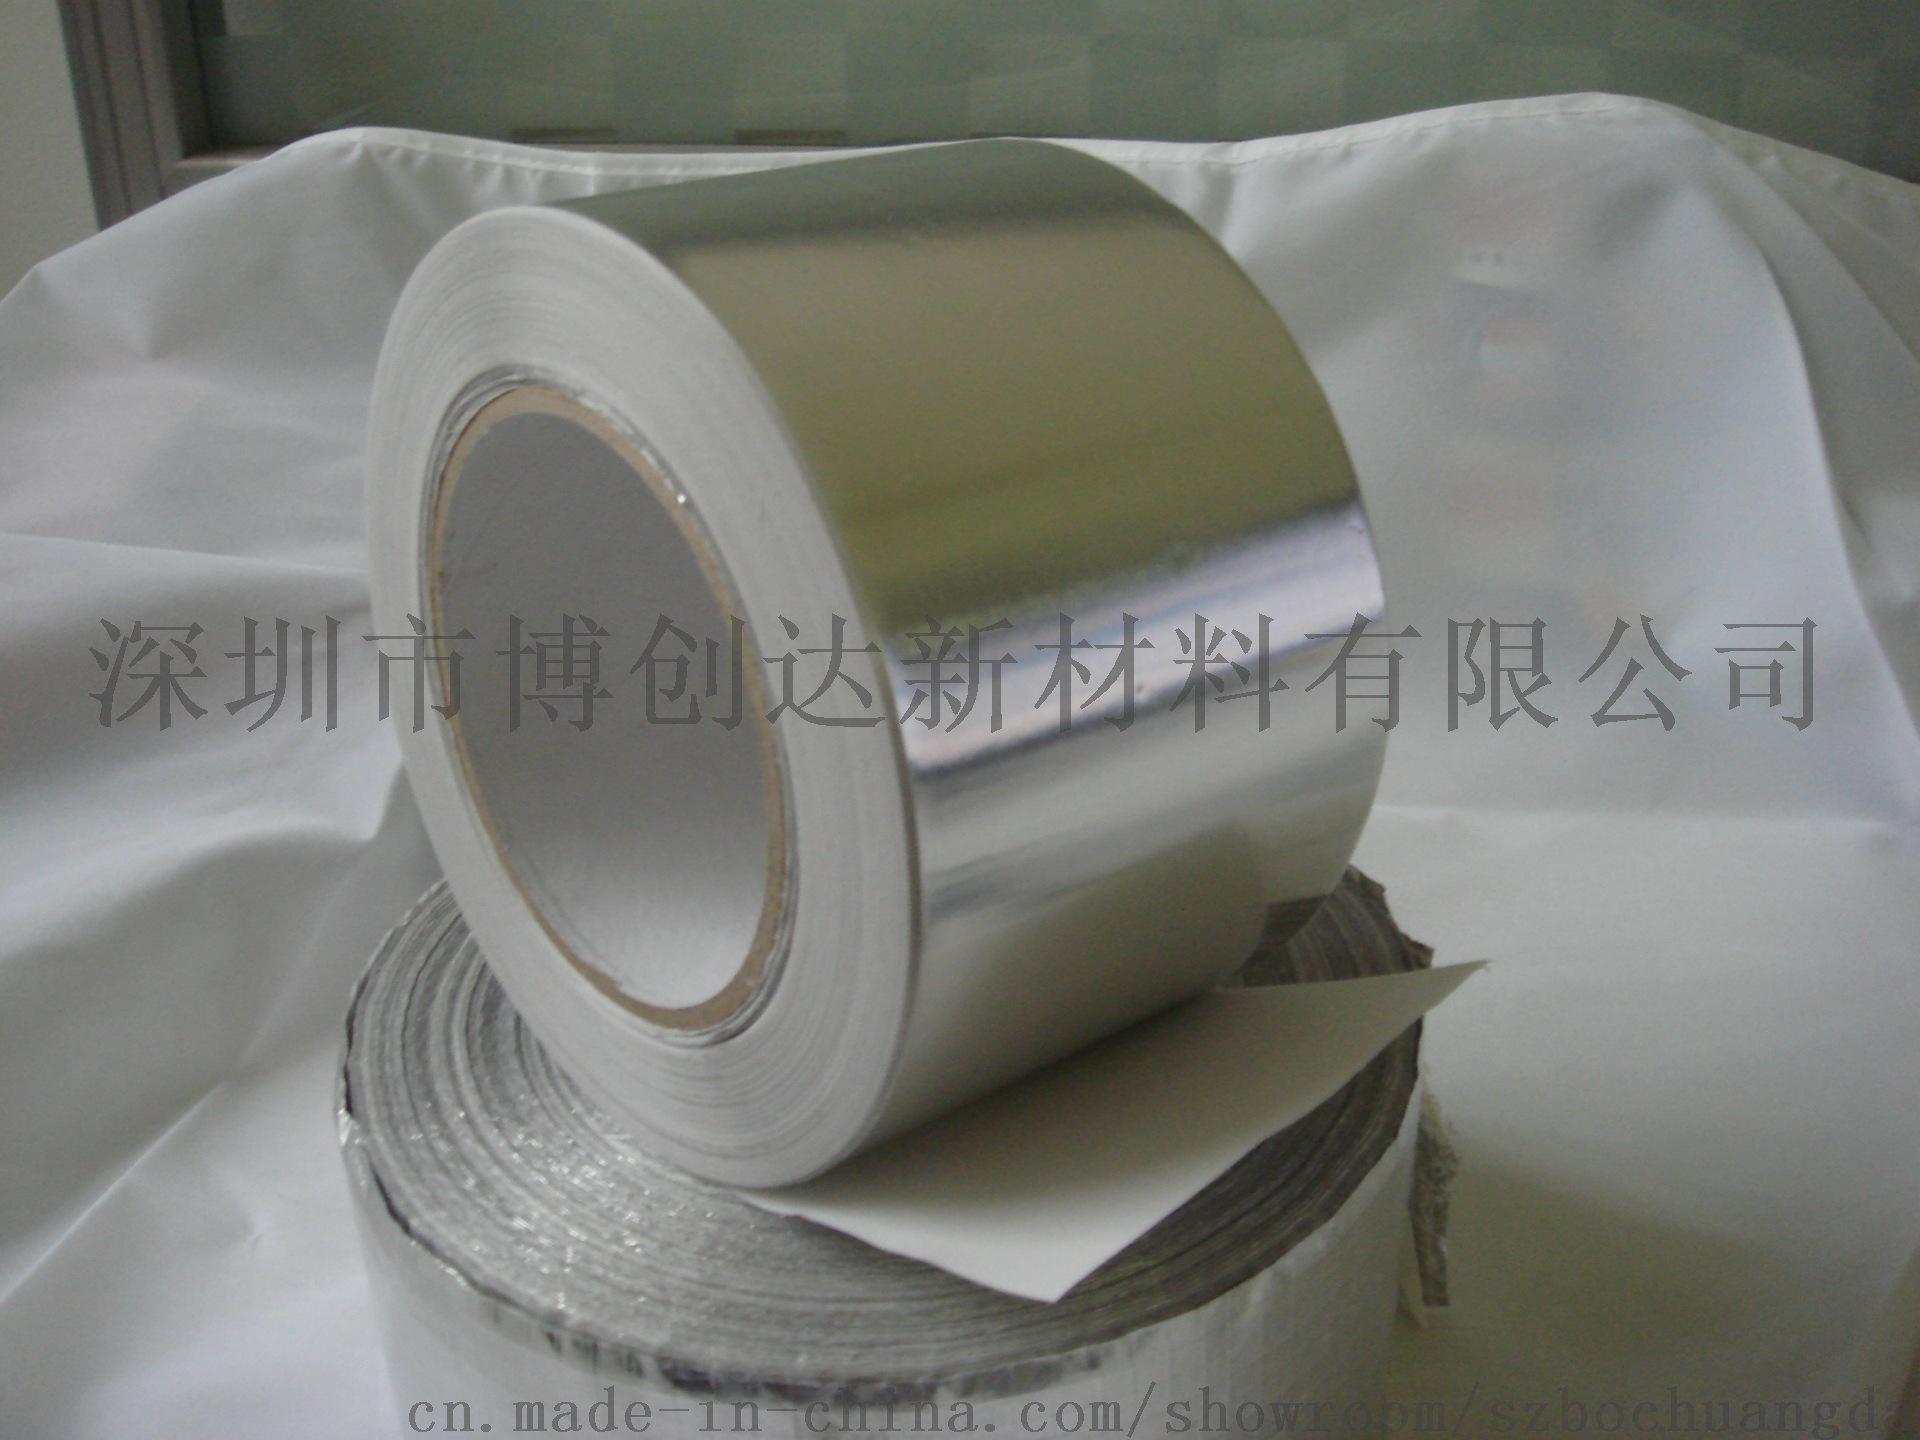 鋁箔膠粘帶 鋁箔麥拉膠帶 單導鋁箔膠帶740231172